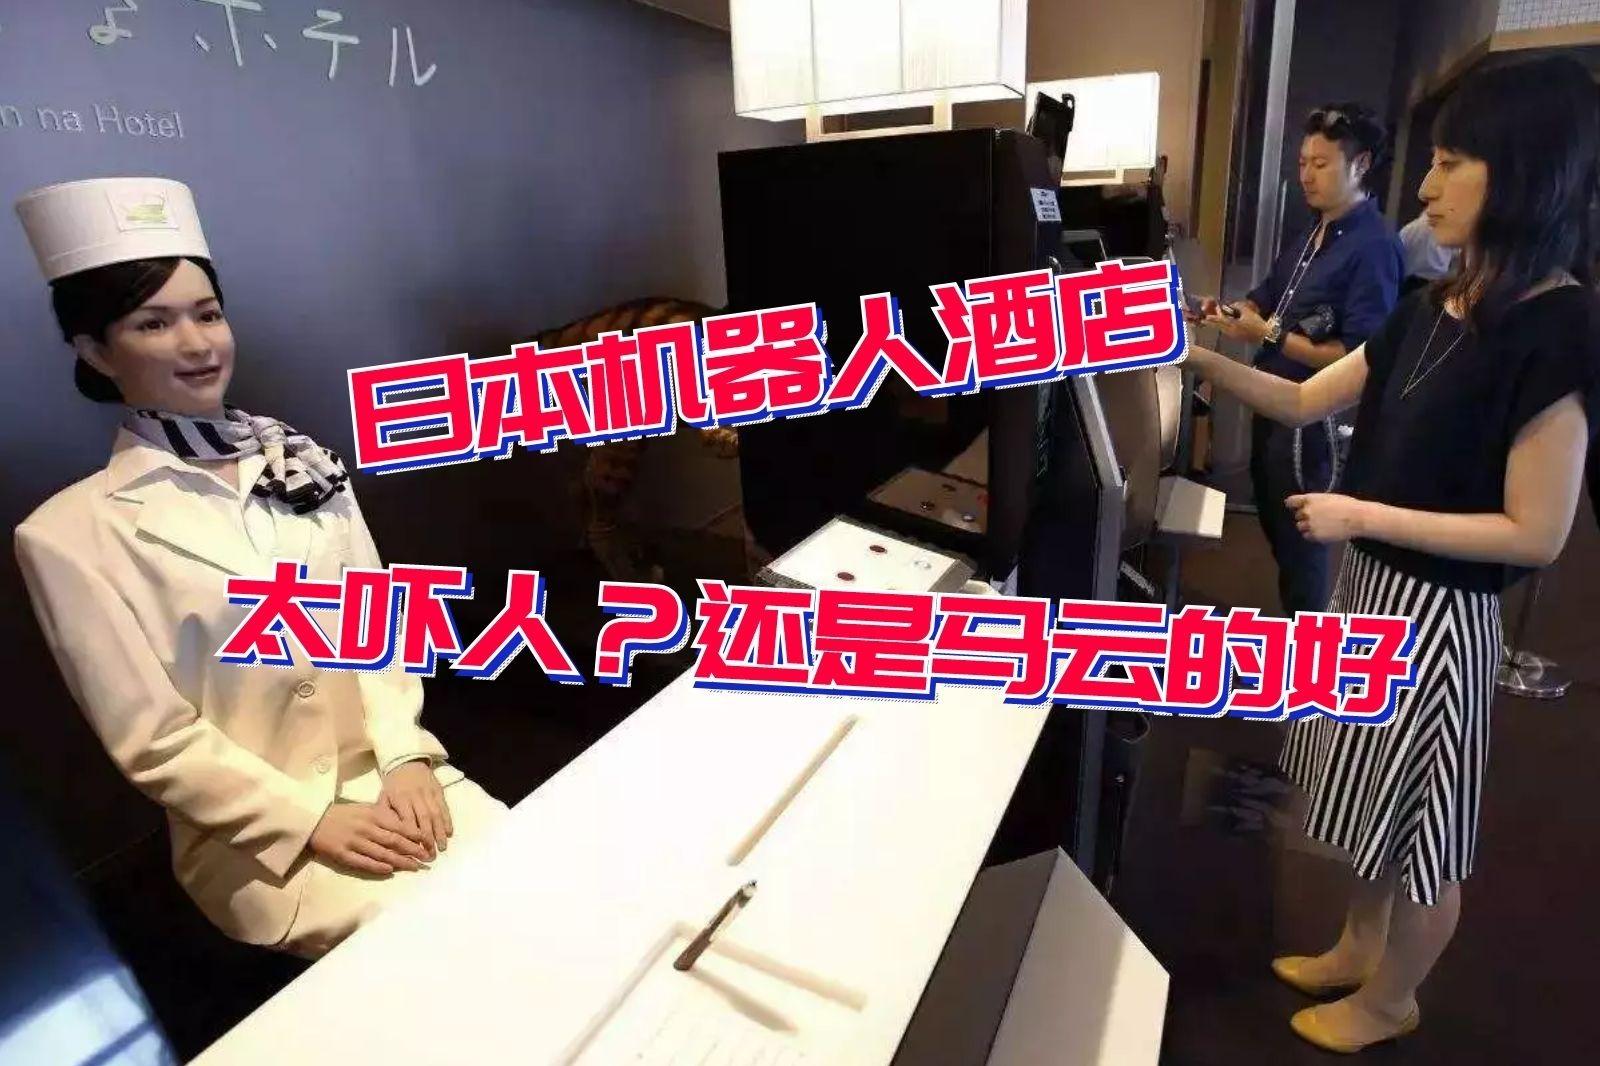 日本的这家人工智能机器人酒店,住过的都说太吓人了